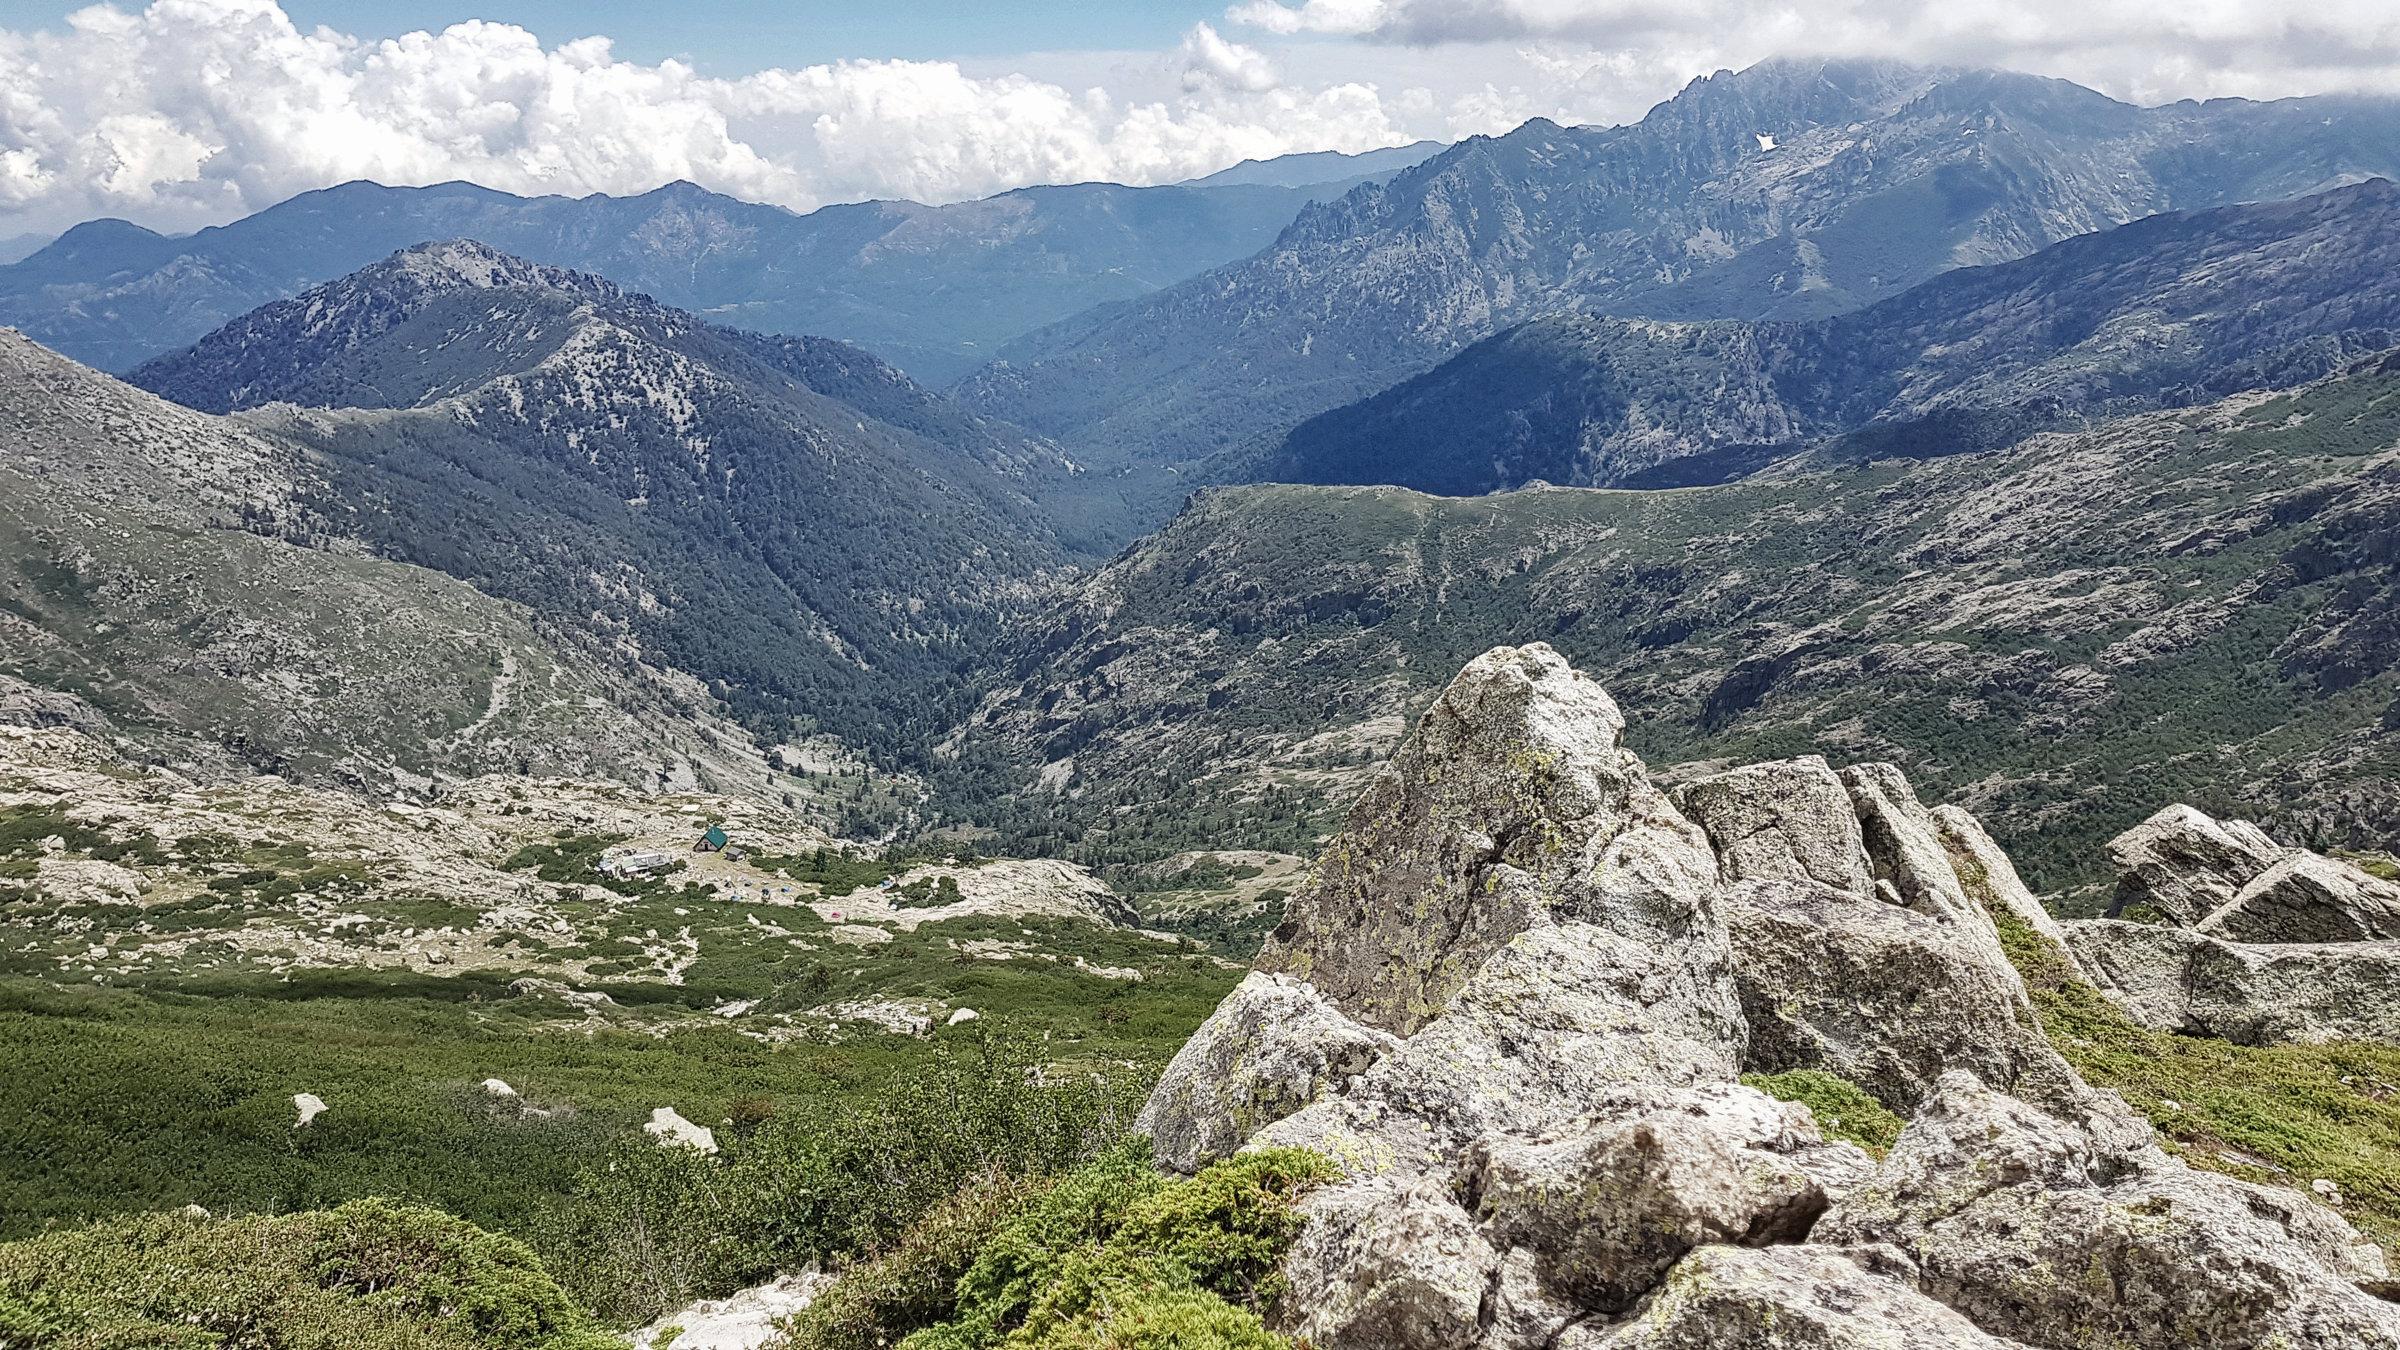 Blick zurück, könnt ihr das Refuge Petra Piana noch erkennen? Korsika, GR20 Weitwanderweg, Wandern, Berge, Frankreich